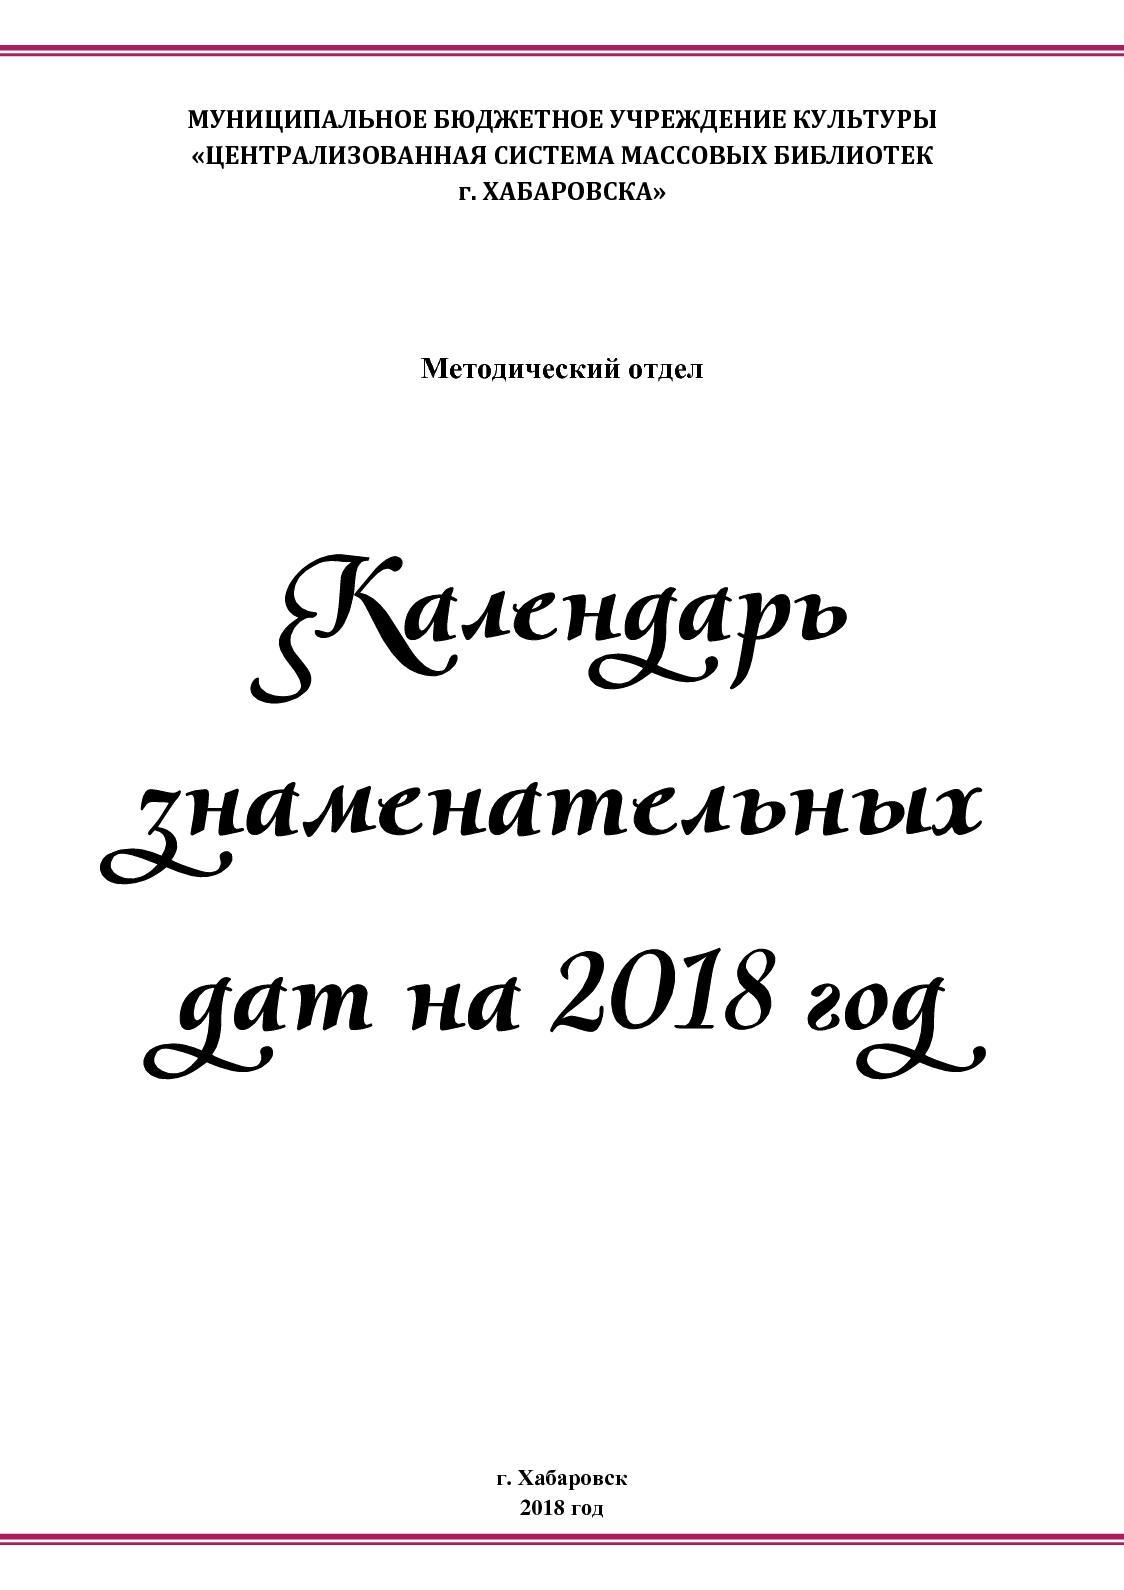 Юбилеи композиторов в 2018 году